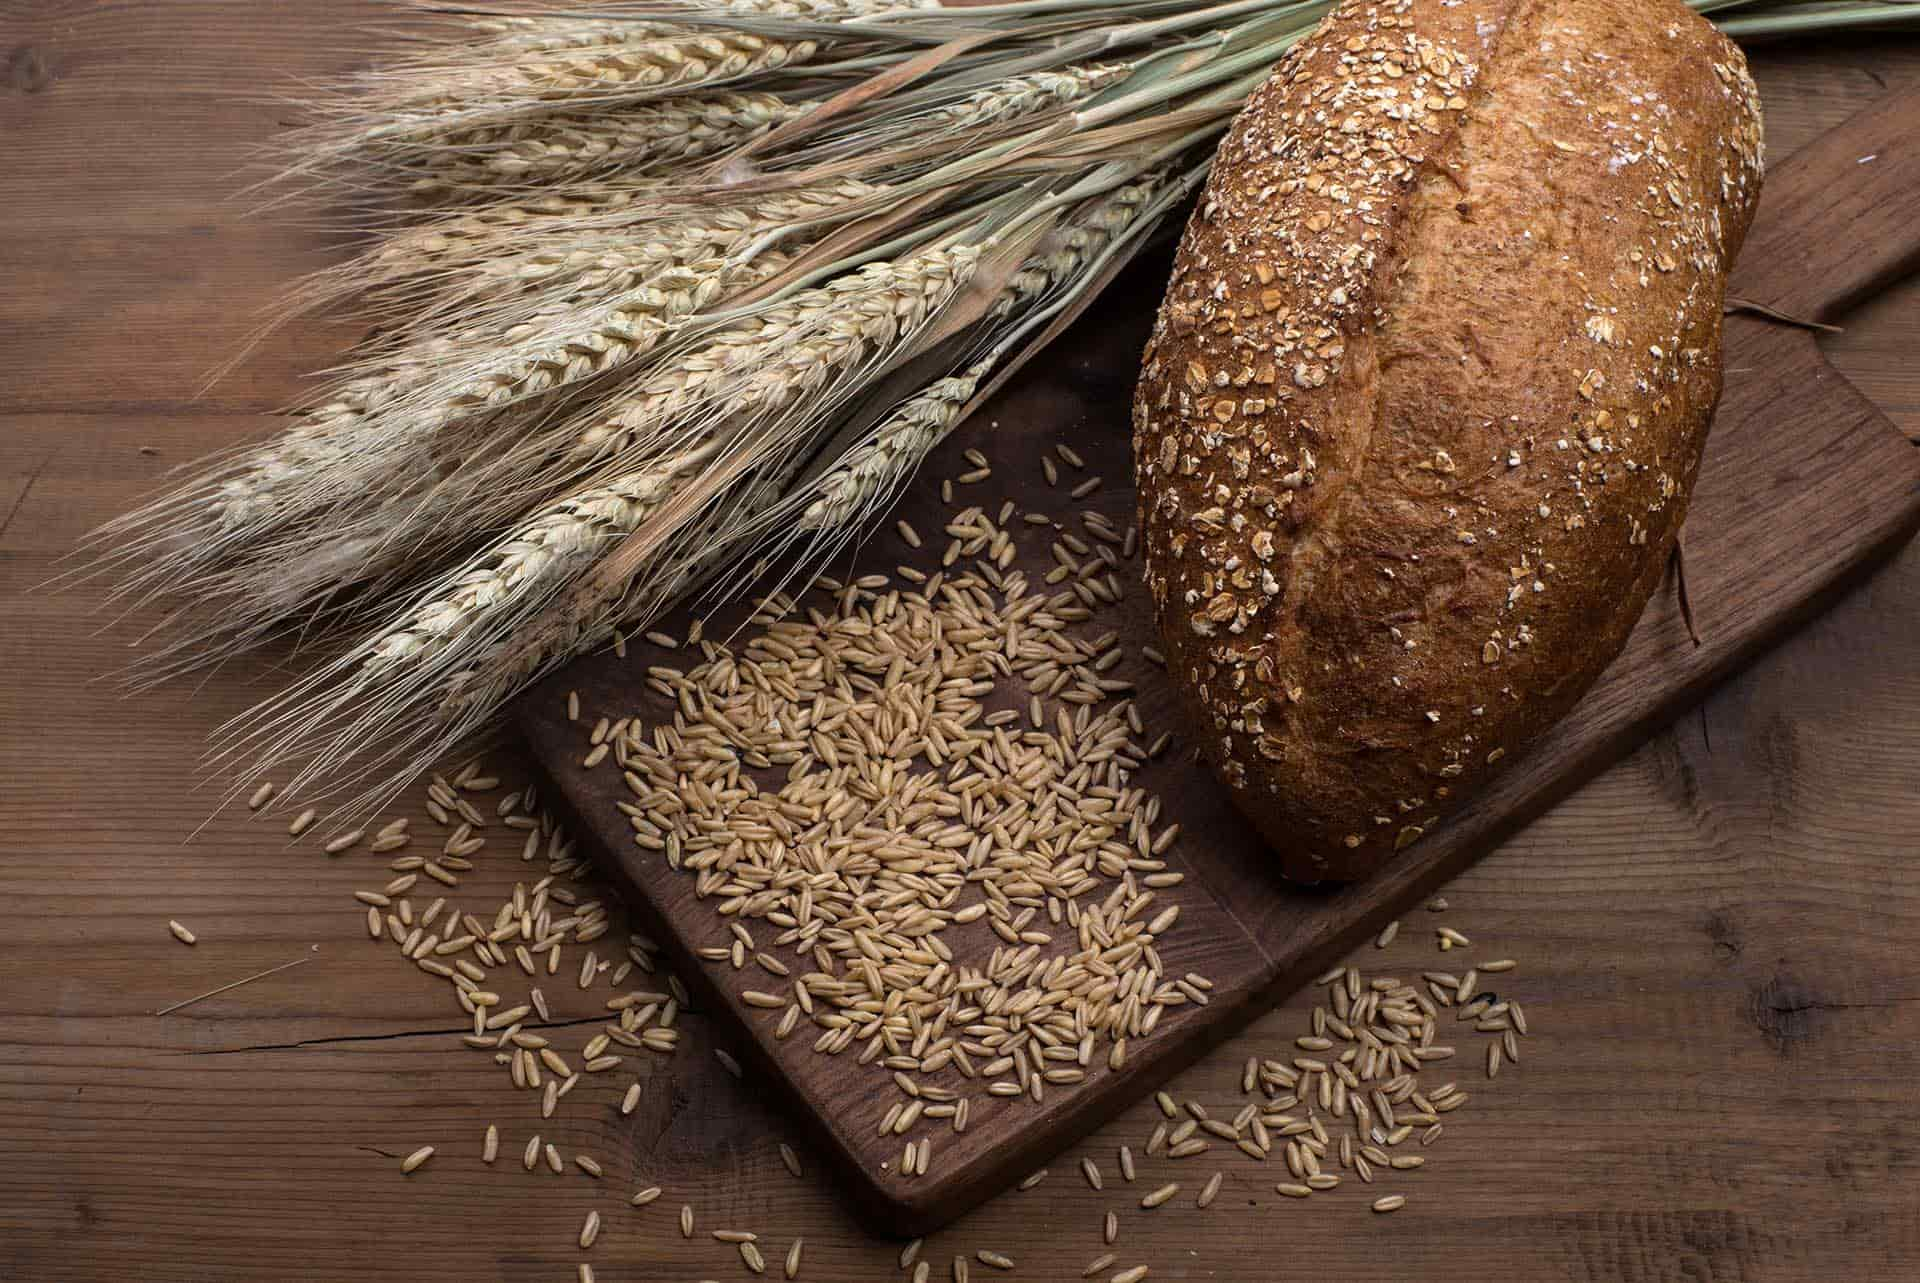 Çavdar Ekmeği Tüketmenin Faydaları